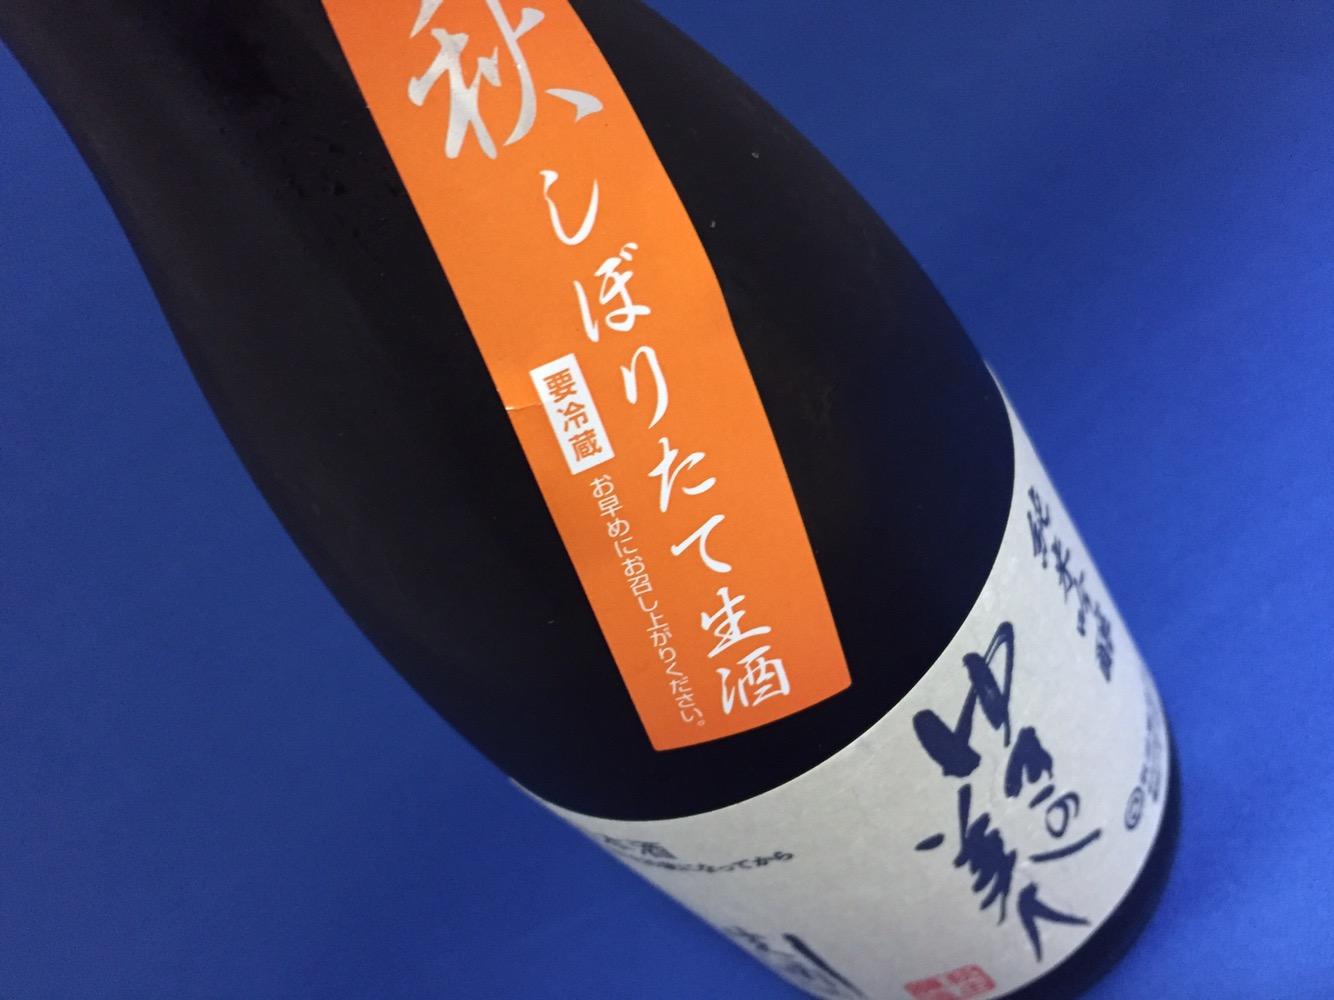 躍動感あふれる秋限定しぼりたて新酒!<br>純米吟醸「ゆきの美人 秋仕込みしぼりたて生酒」